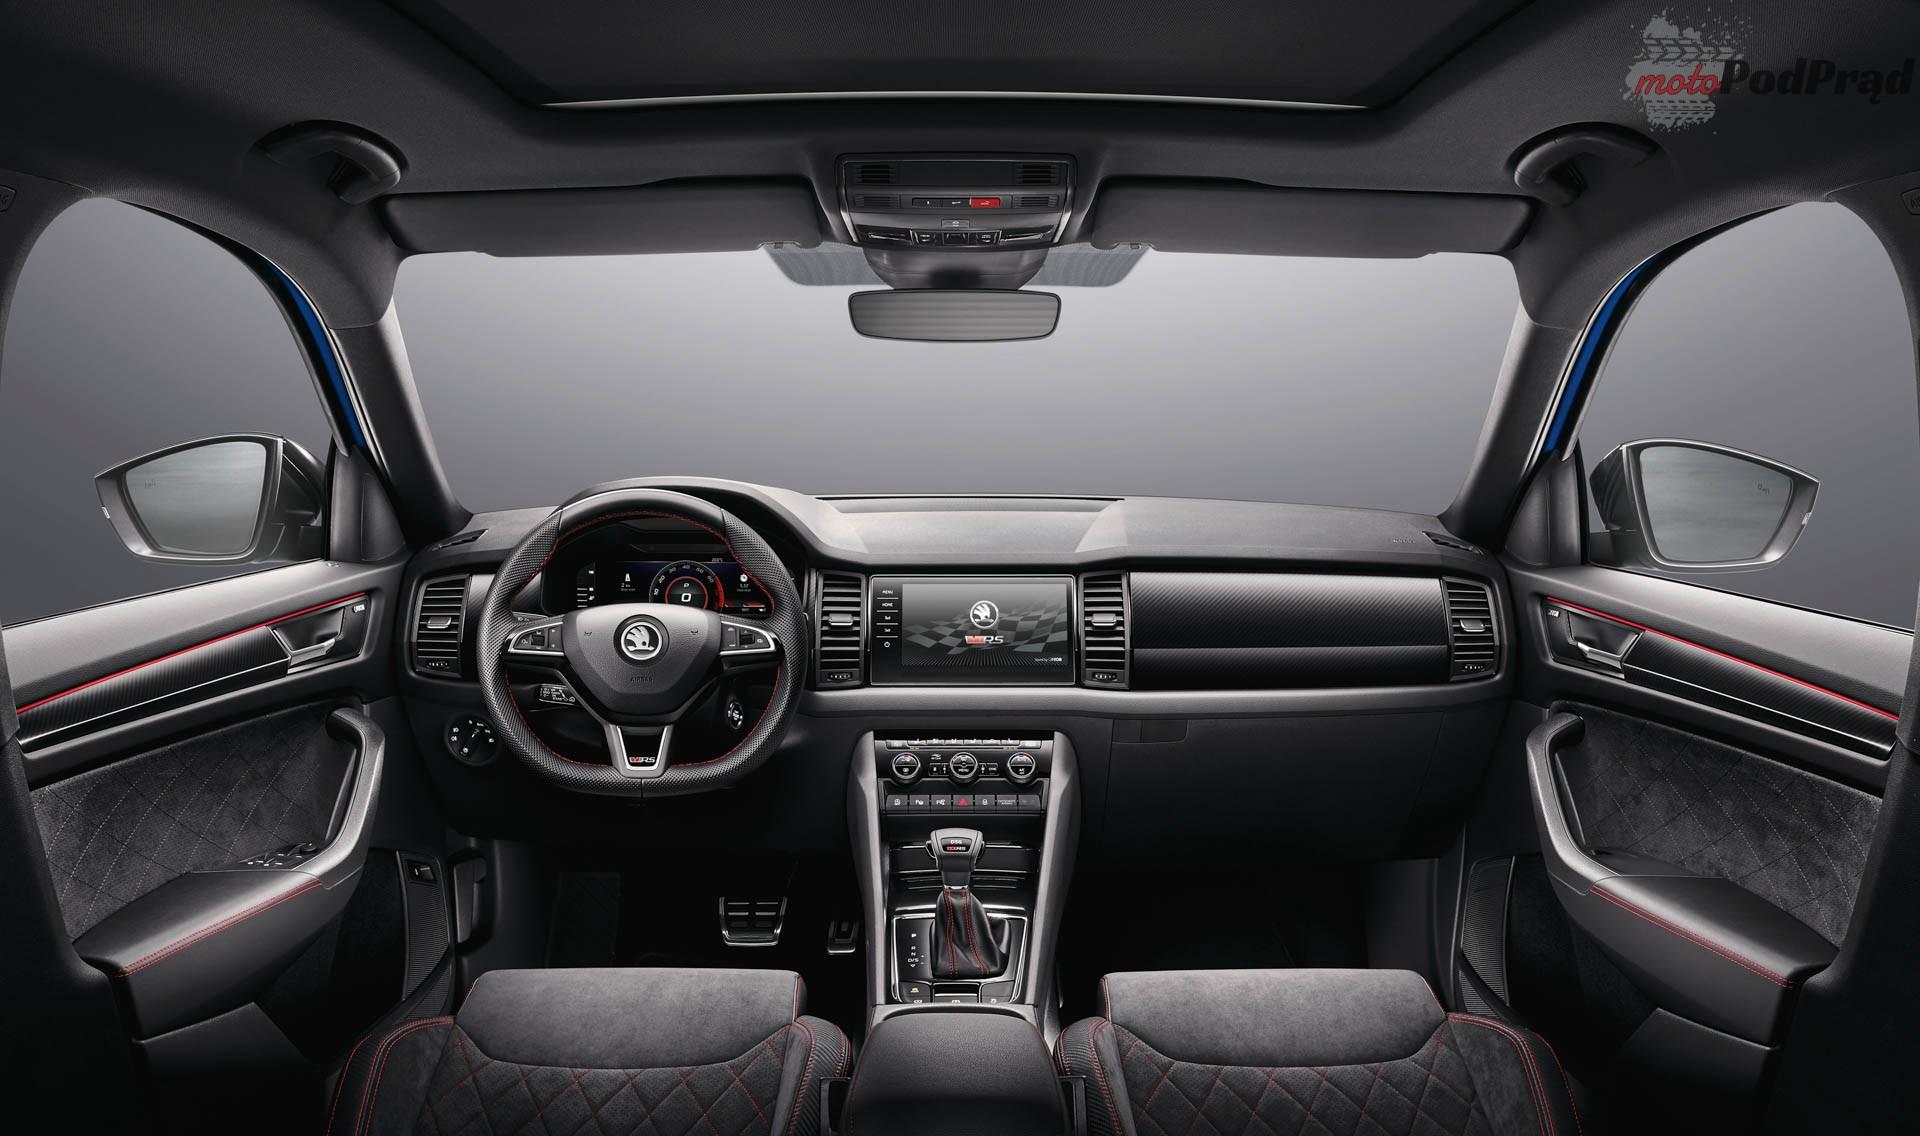 Skoda Kodiaq RS 3 Škoda Kodiaq RS w dieslu najmocniejszym SUV em marki.